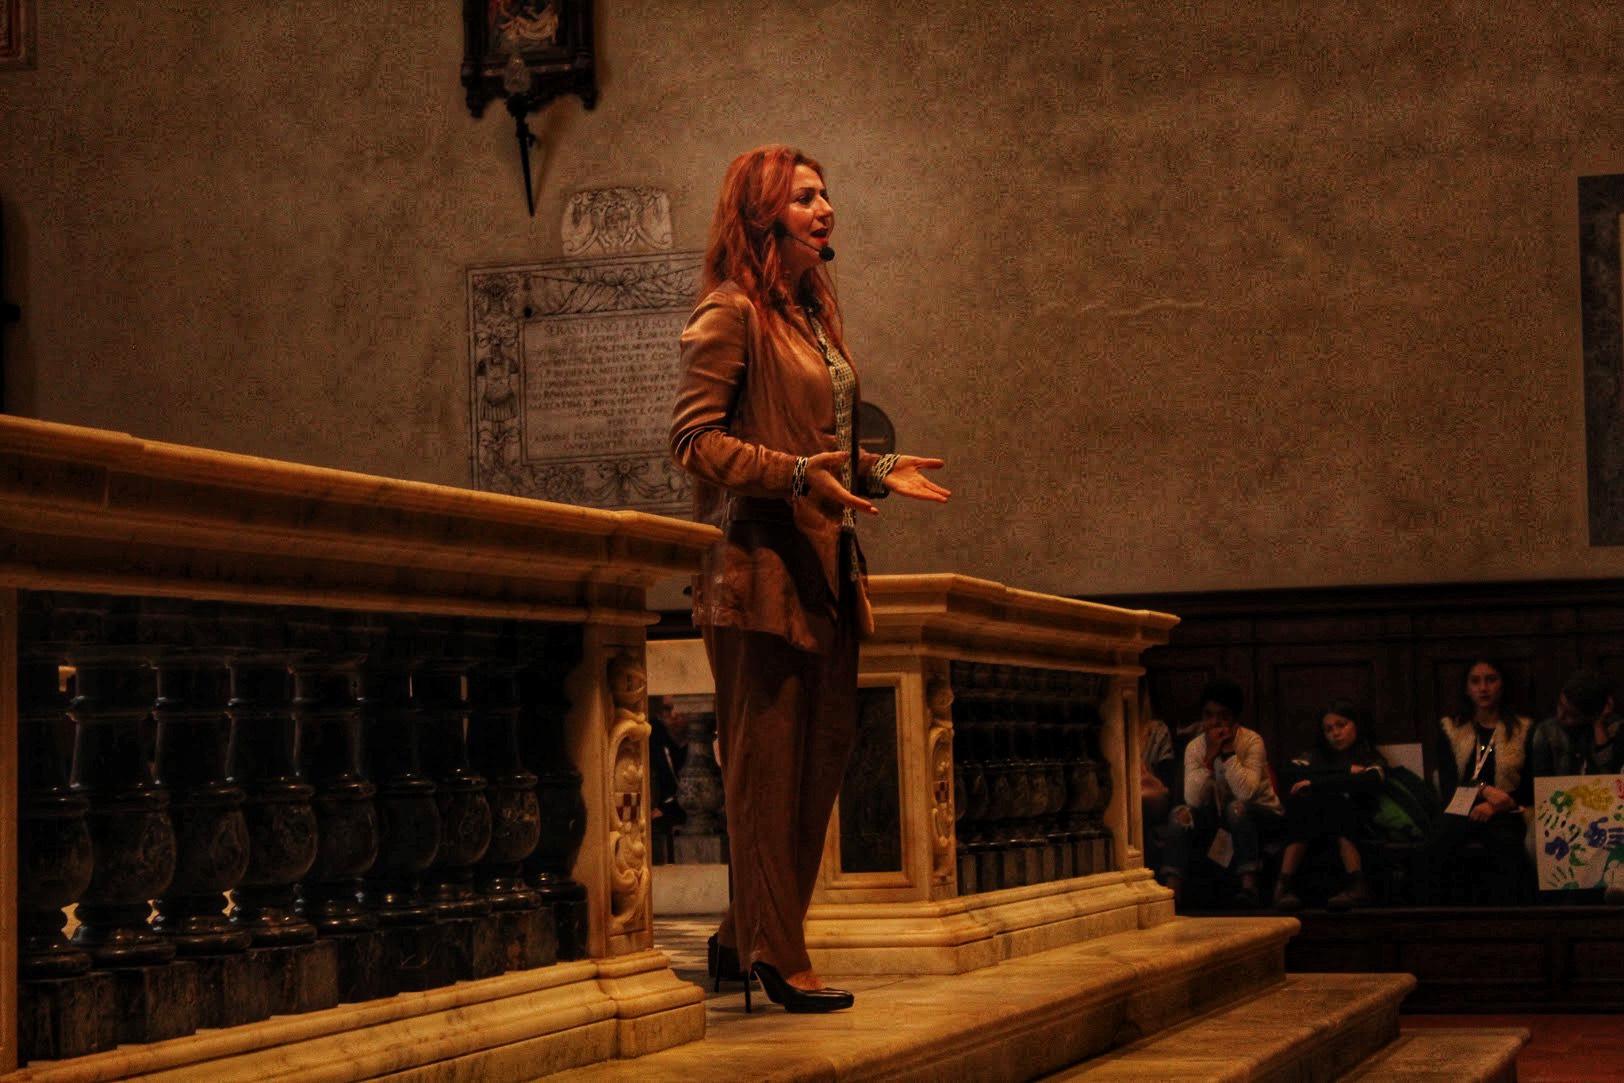 L'evento a Lucca organizzato dal Miur è stato bello (ho fatto il monologo in una chiesa!)